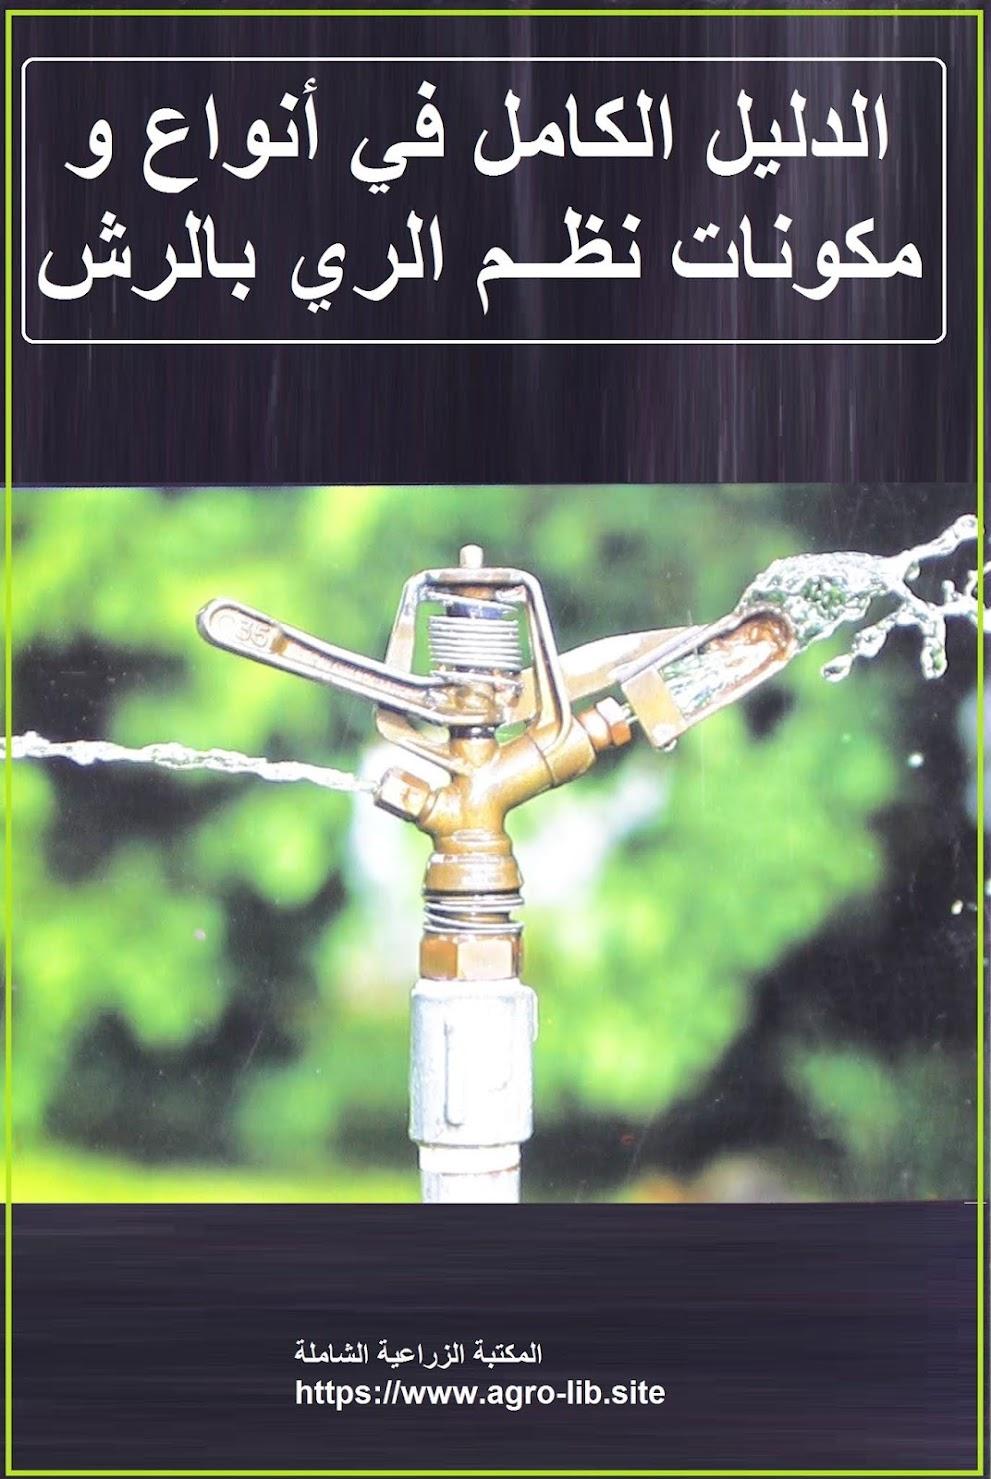 كتاب : الدليل الكامل في أنواع و مكونات نظم الري بالرش